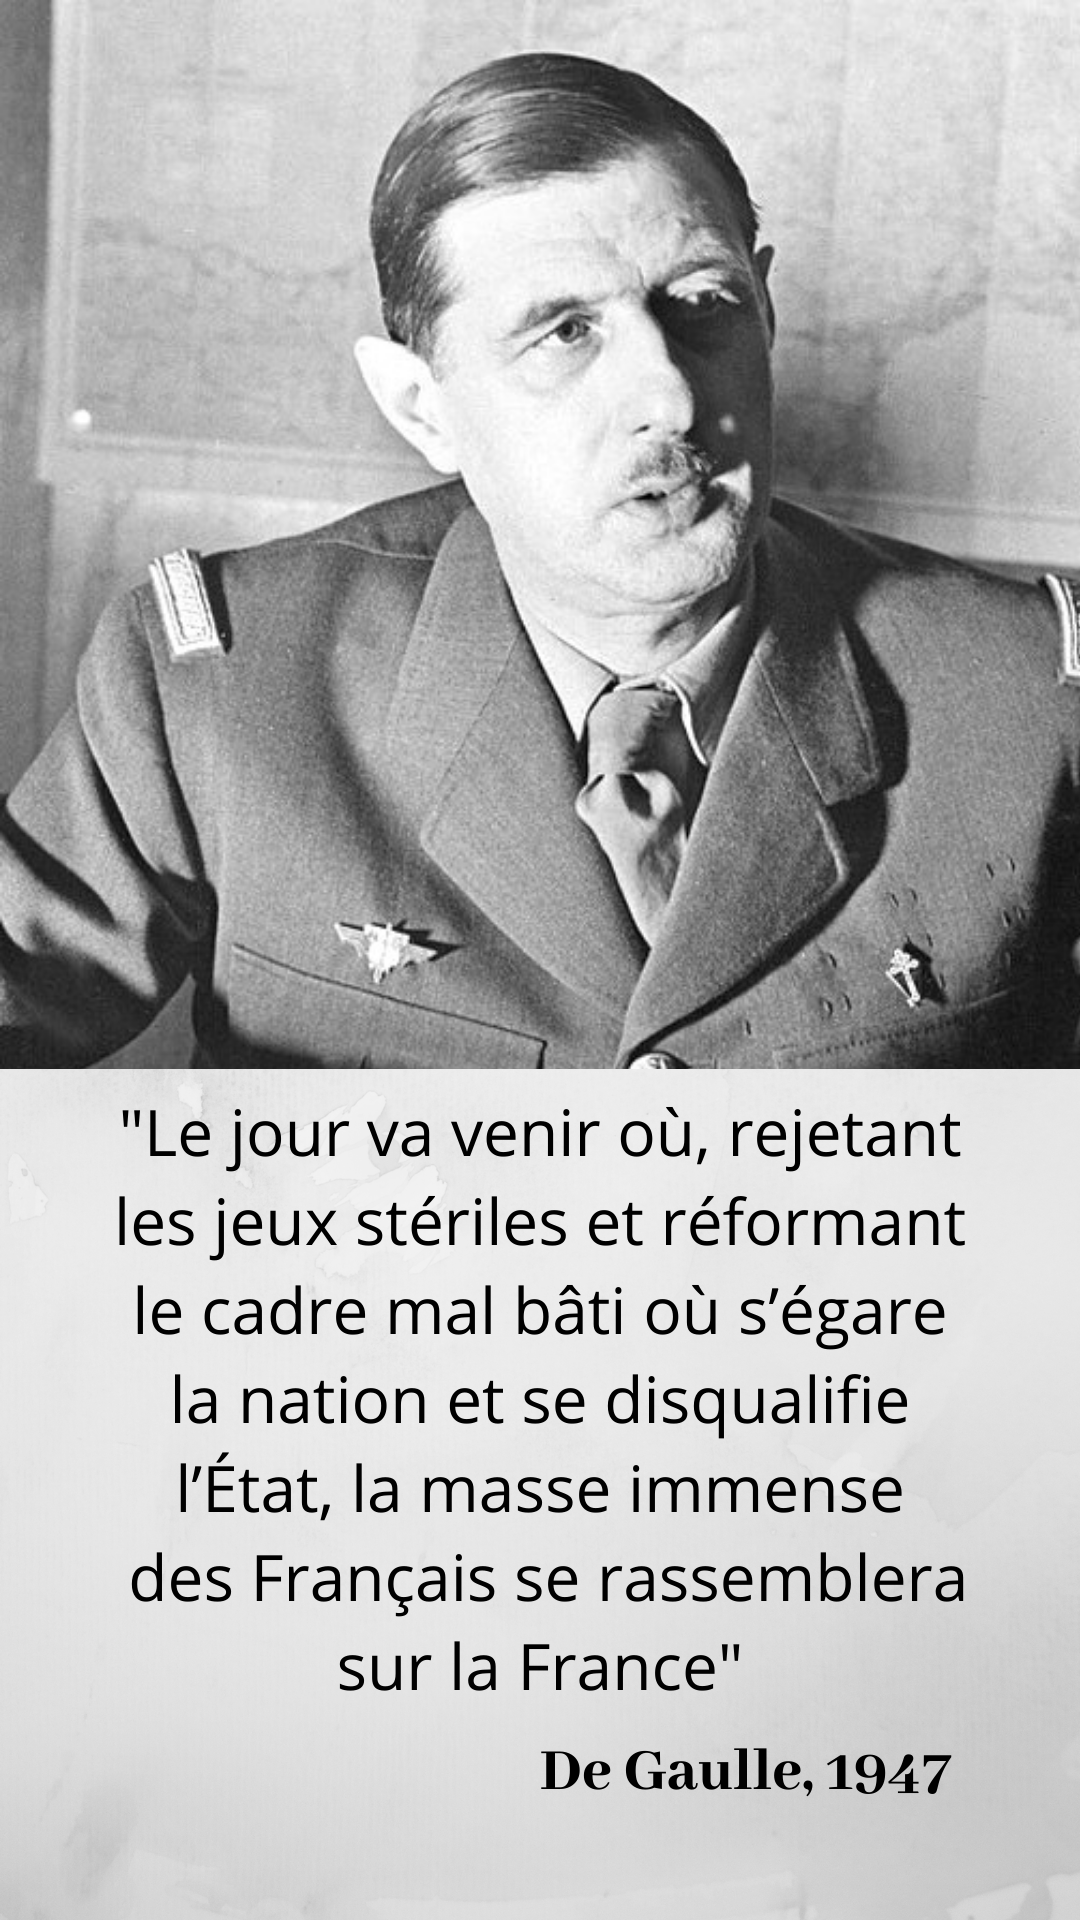 Le 20 Janvier 1946 Charles De Gaulle President Du Gouvernement Provisoire De La Republique Demissionne Citation De Gaulle Citation Politique Citations Sympa